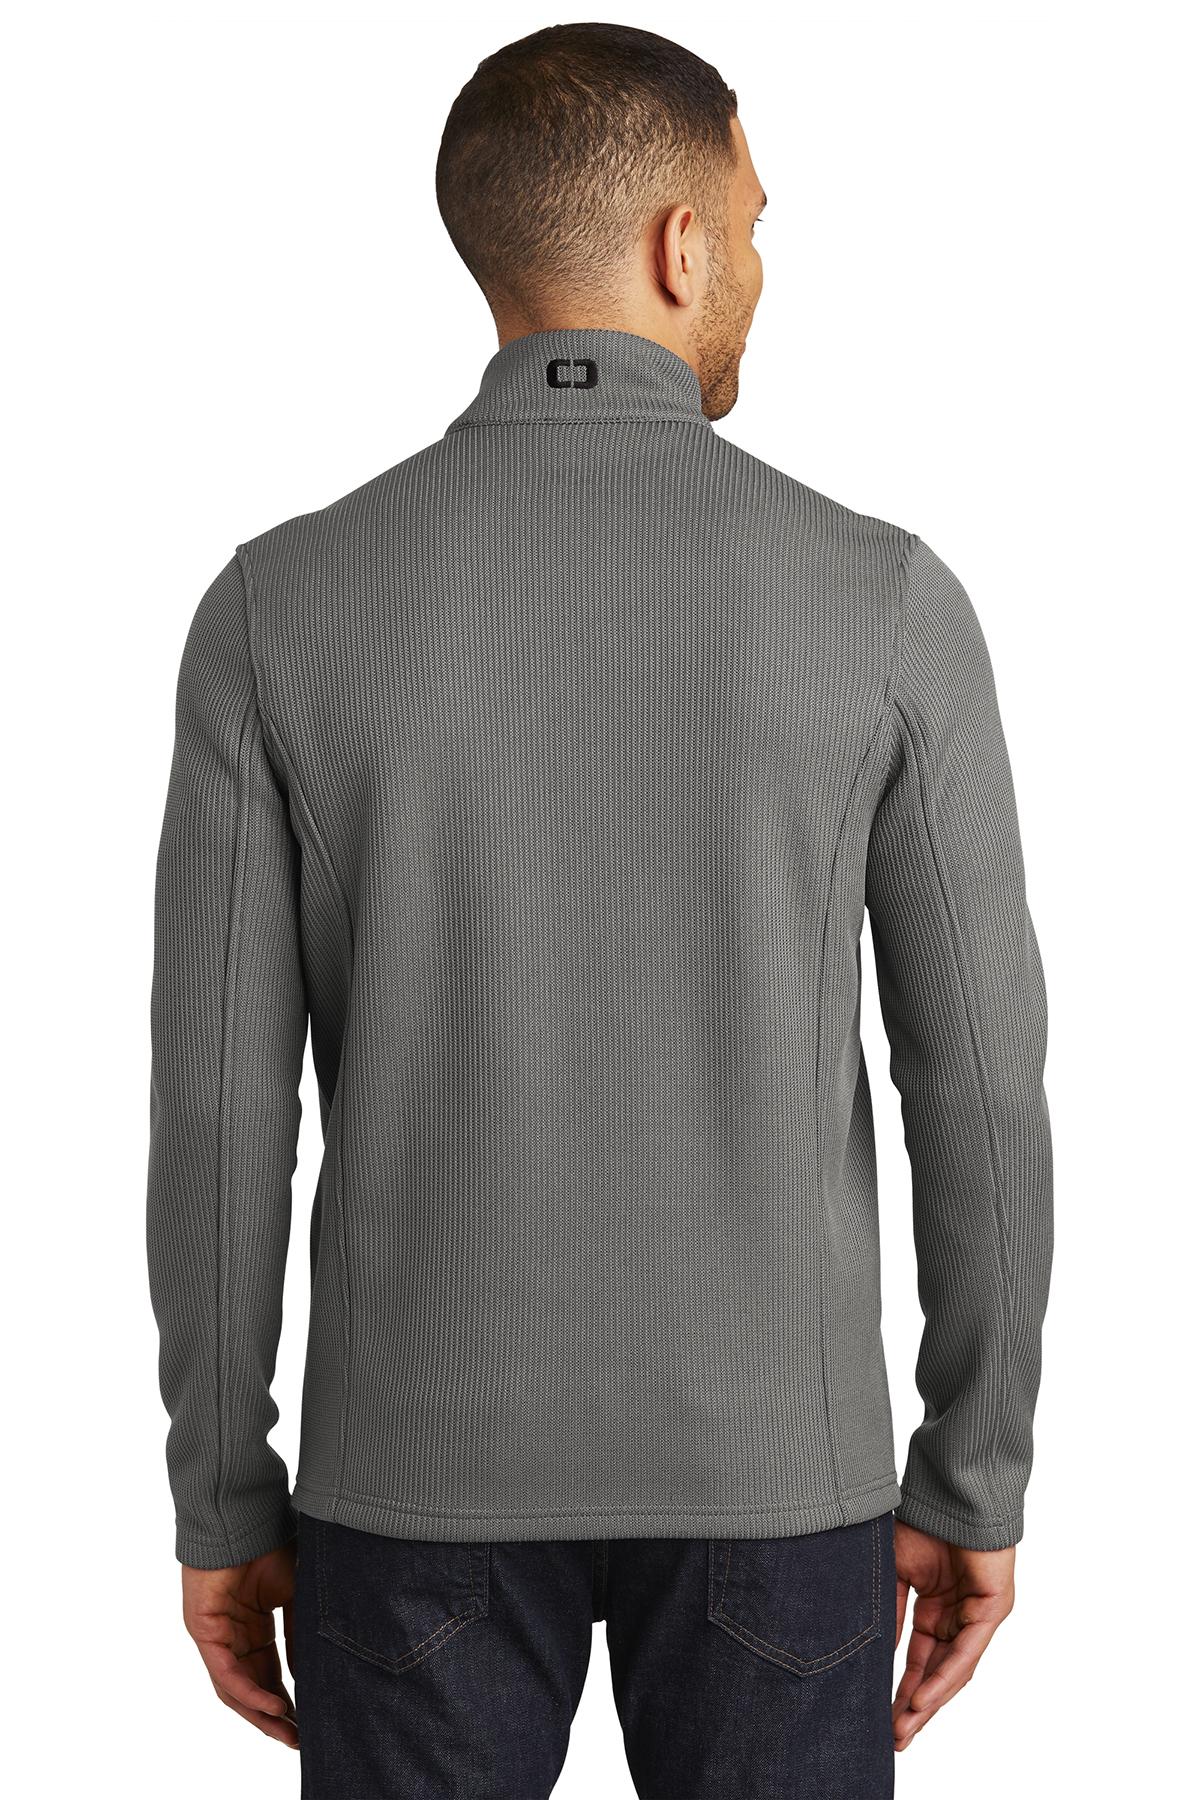 245e4c011 OGIO ® Grit Fleece Jacket   Fleece   Sweatshirts/Fleece   SanMar